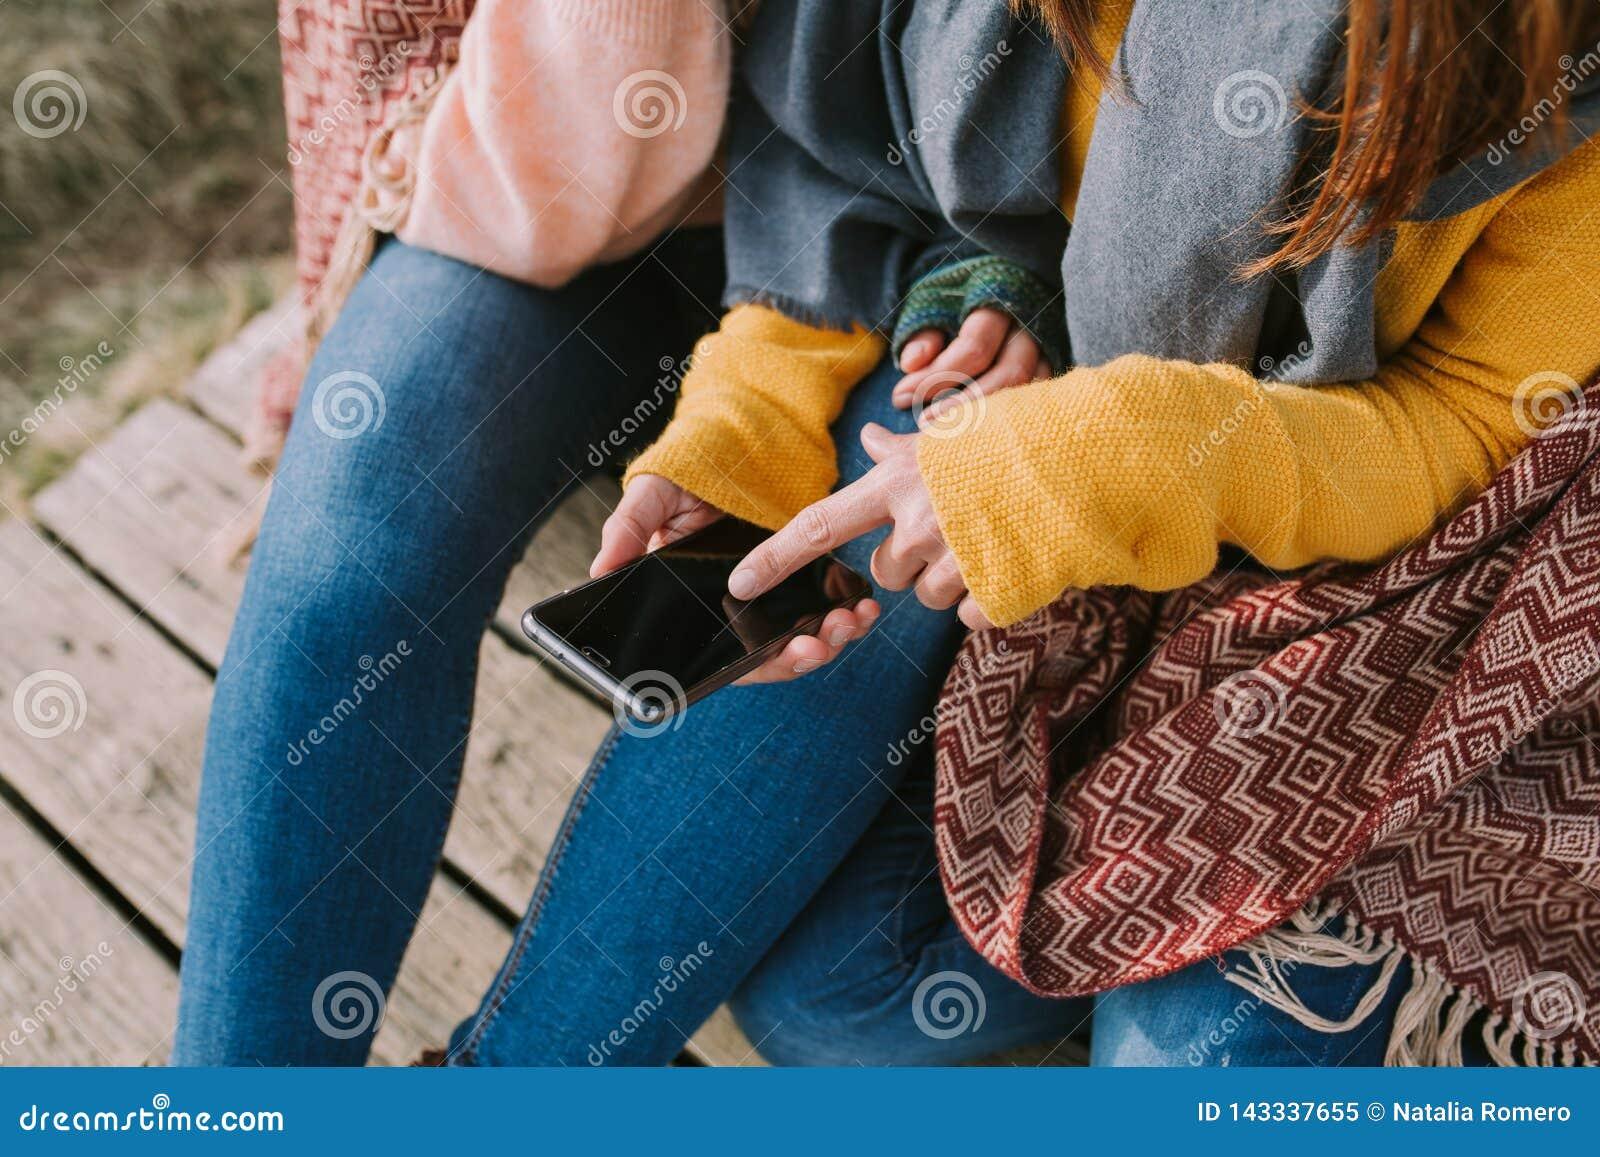 De vrienden verkrijgen informatie over mobiel zij hebben in hun handen